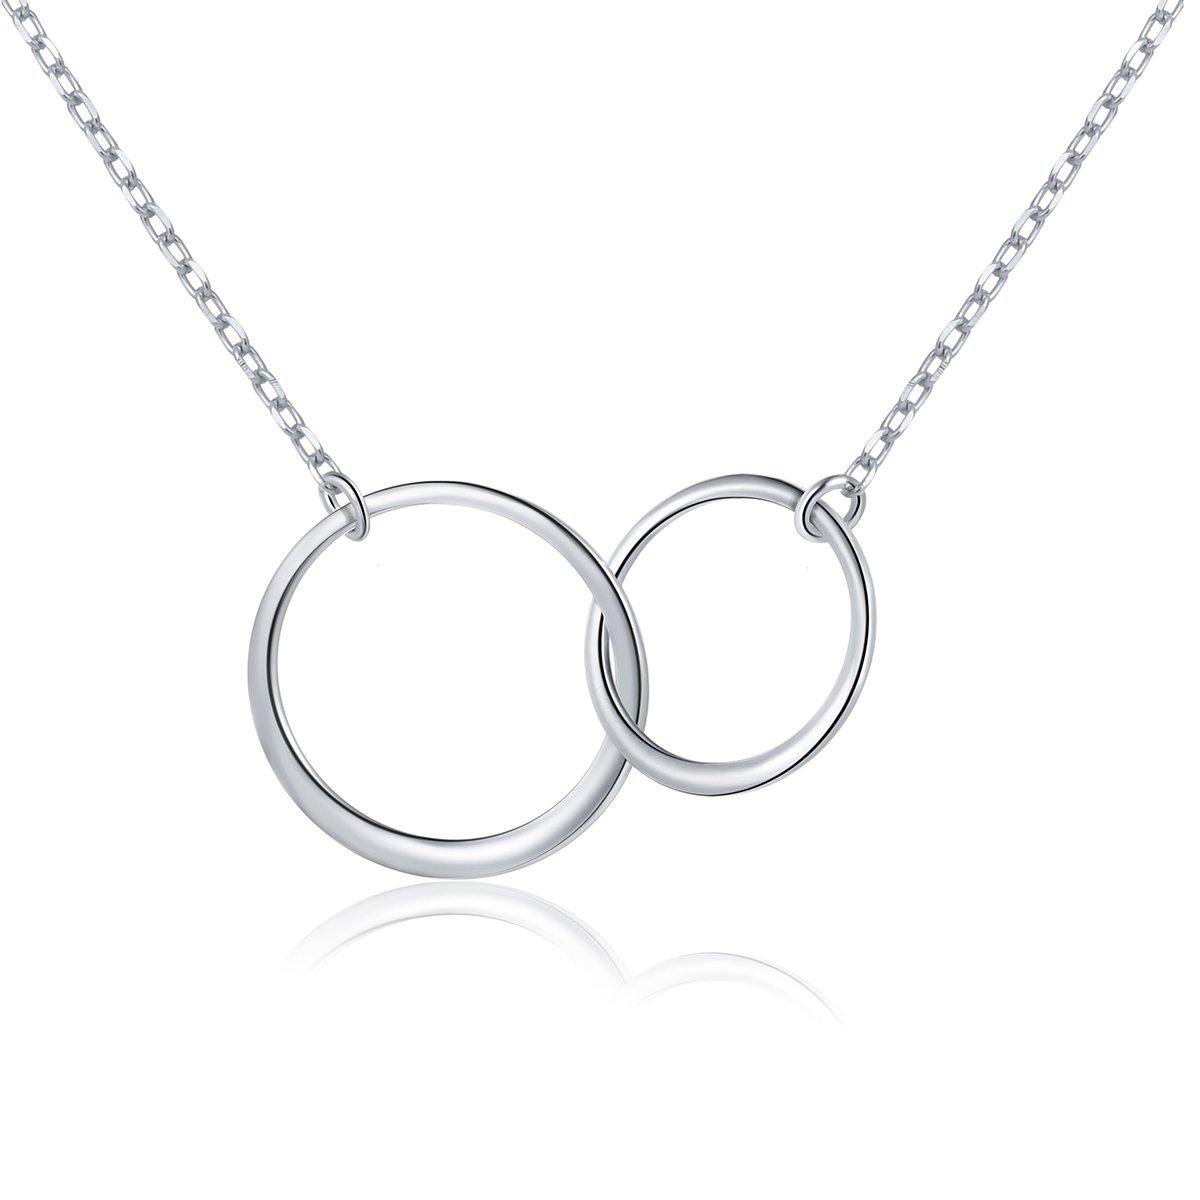 DAOCHONG Sterling Silber Zwei Ineinander Greifen Unendlichkeit Kreise Halskette Schmuck,Rolo Kette, 18+2 18+2 DAOCHONG Fine Jewelry Y-19